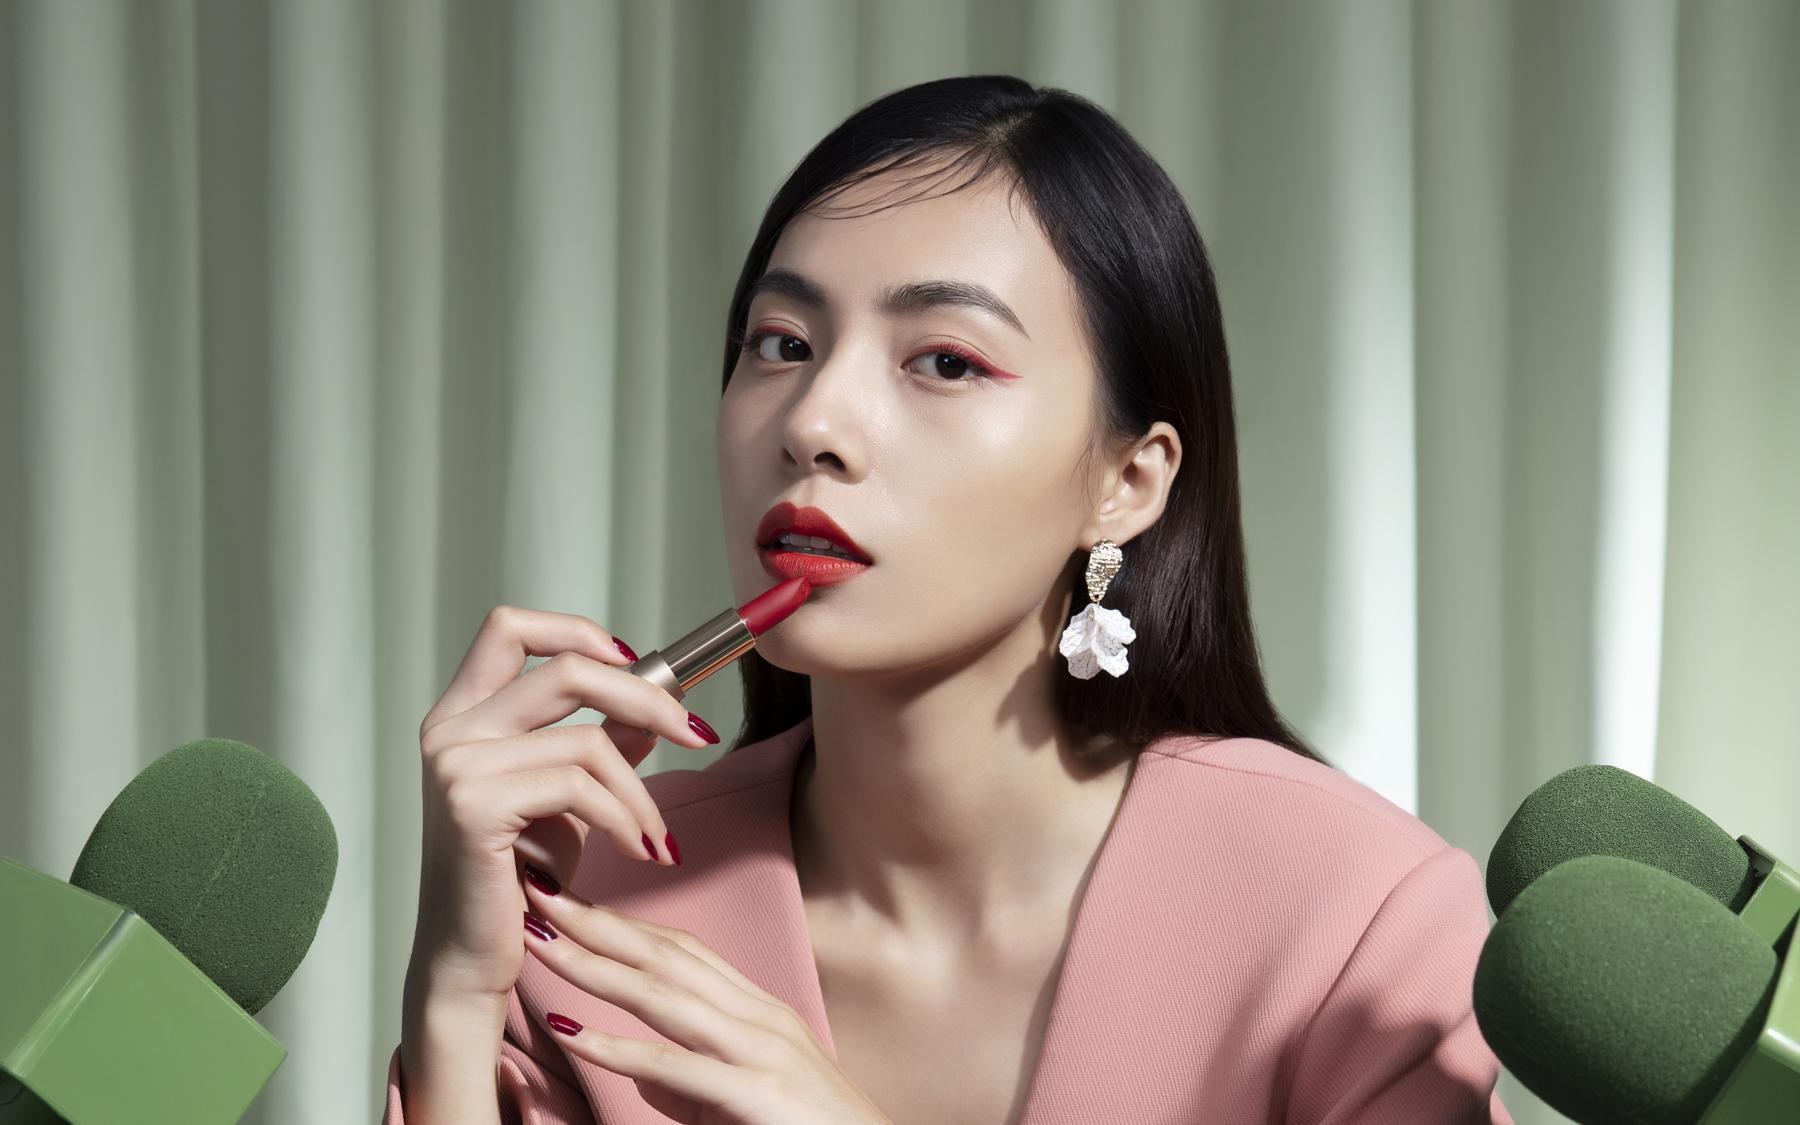 品牌首发 | 新国货时代,「诗此」如何借助东方元素升级美妆体验?